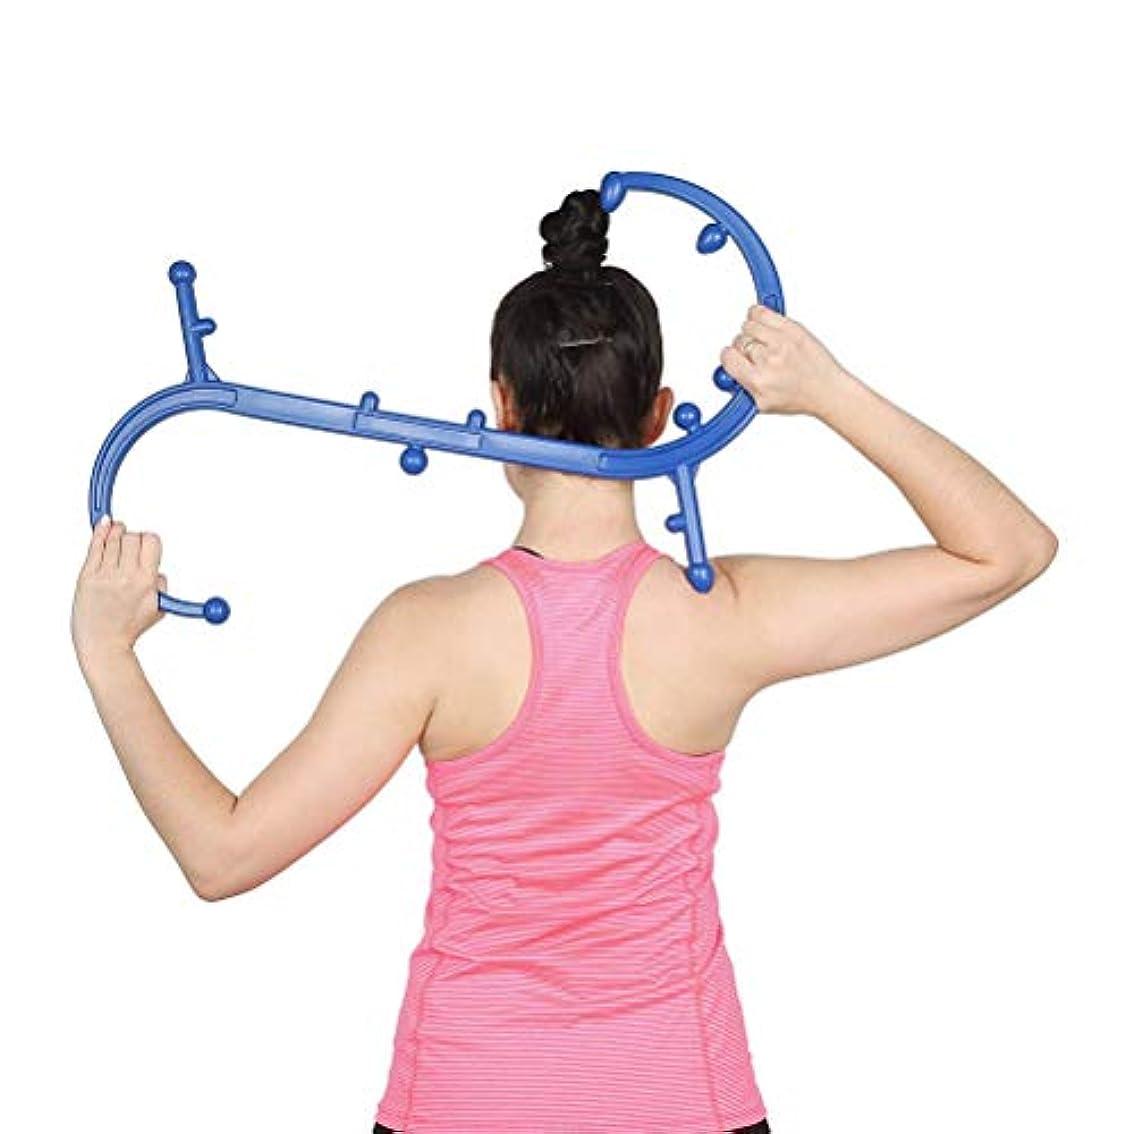 順応性シネマゼリーQuner 指圧代用器 ボディバックバディ ツボ押しグッズ ネックマッサージャー 肩こり解消 Trigger Point Therapy Self Massage (ブルー)